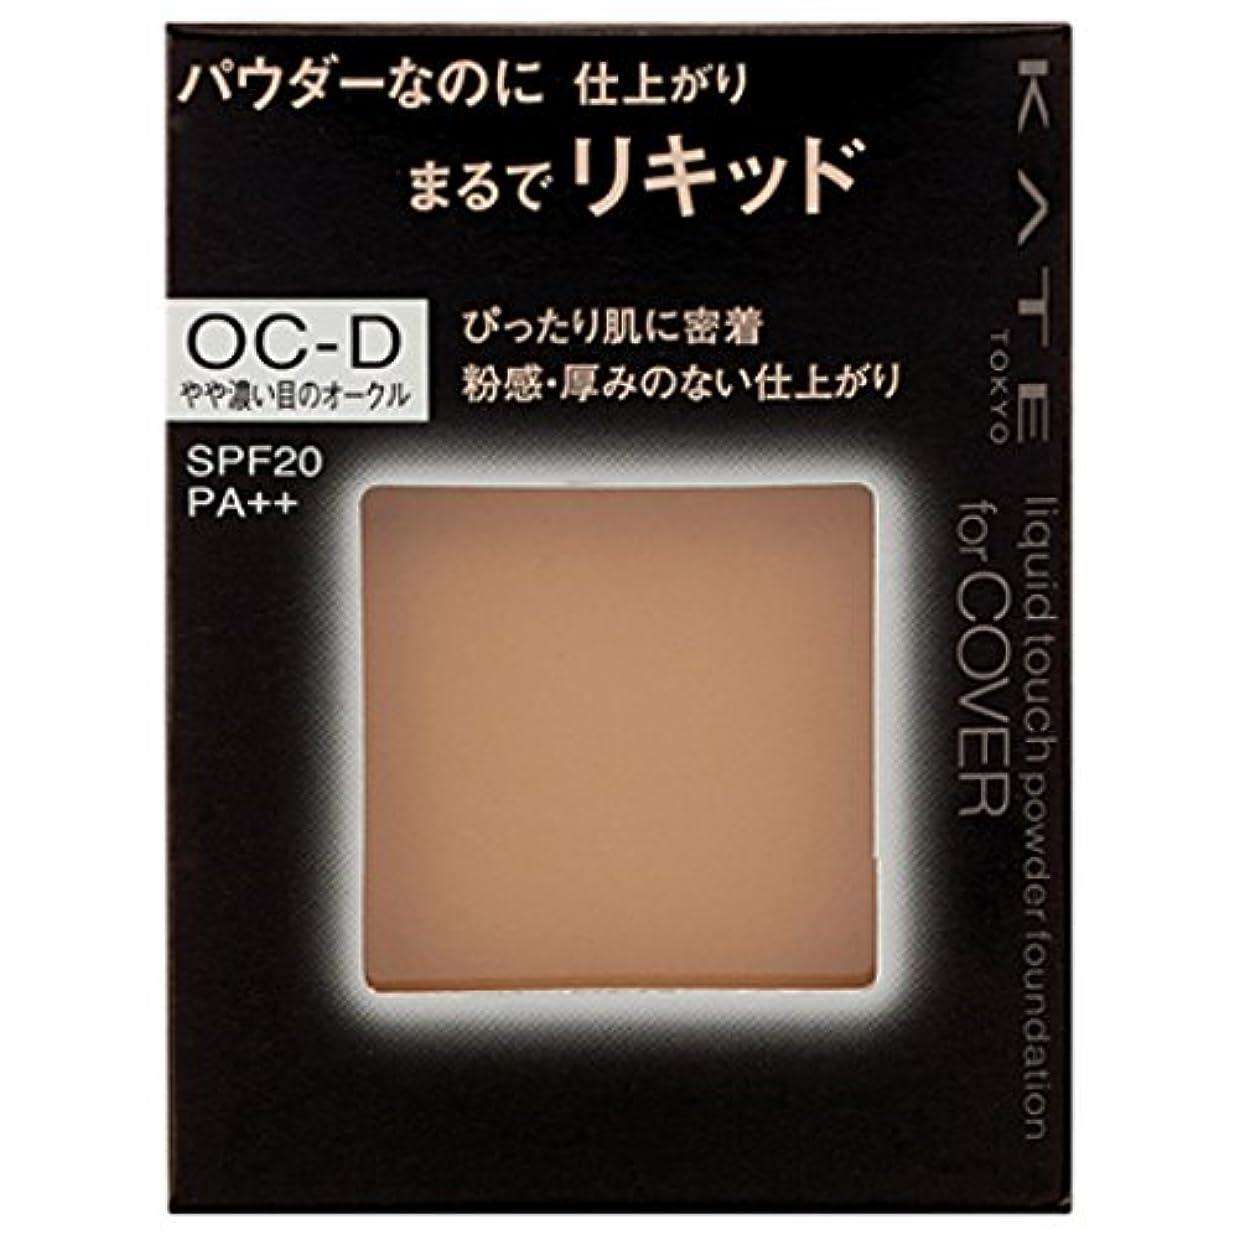 パイル敷居剥離カネボウ KATE(ケイト)リキッドタッチパクト OC-D【やや濃い目のオークル】